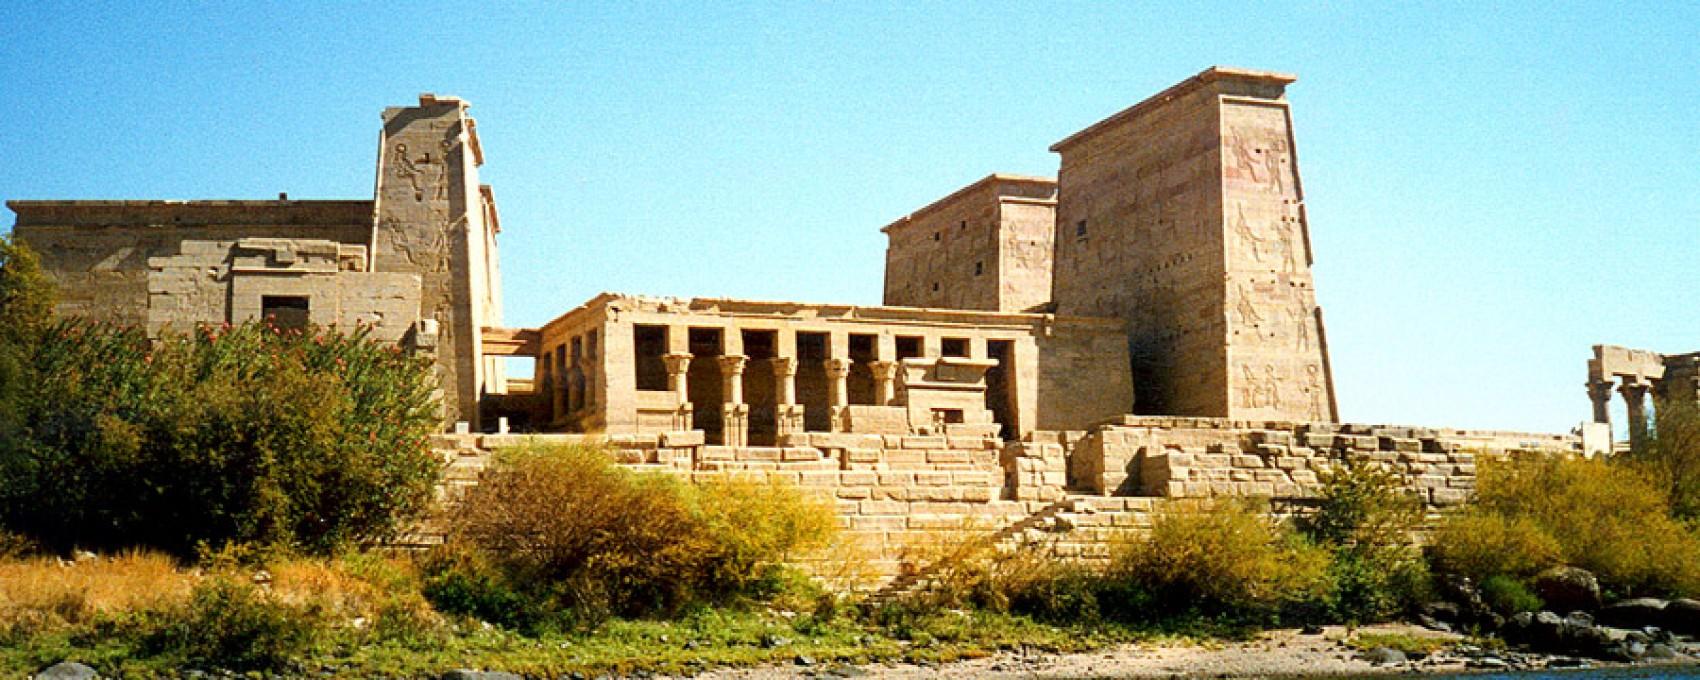 EGIPTO TOUR PRIVADOS